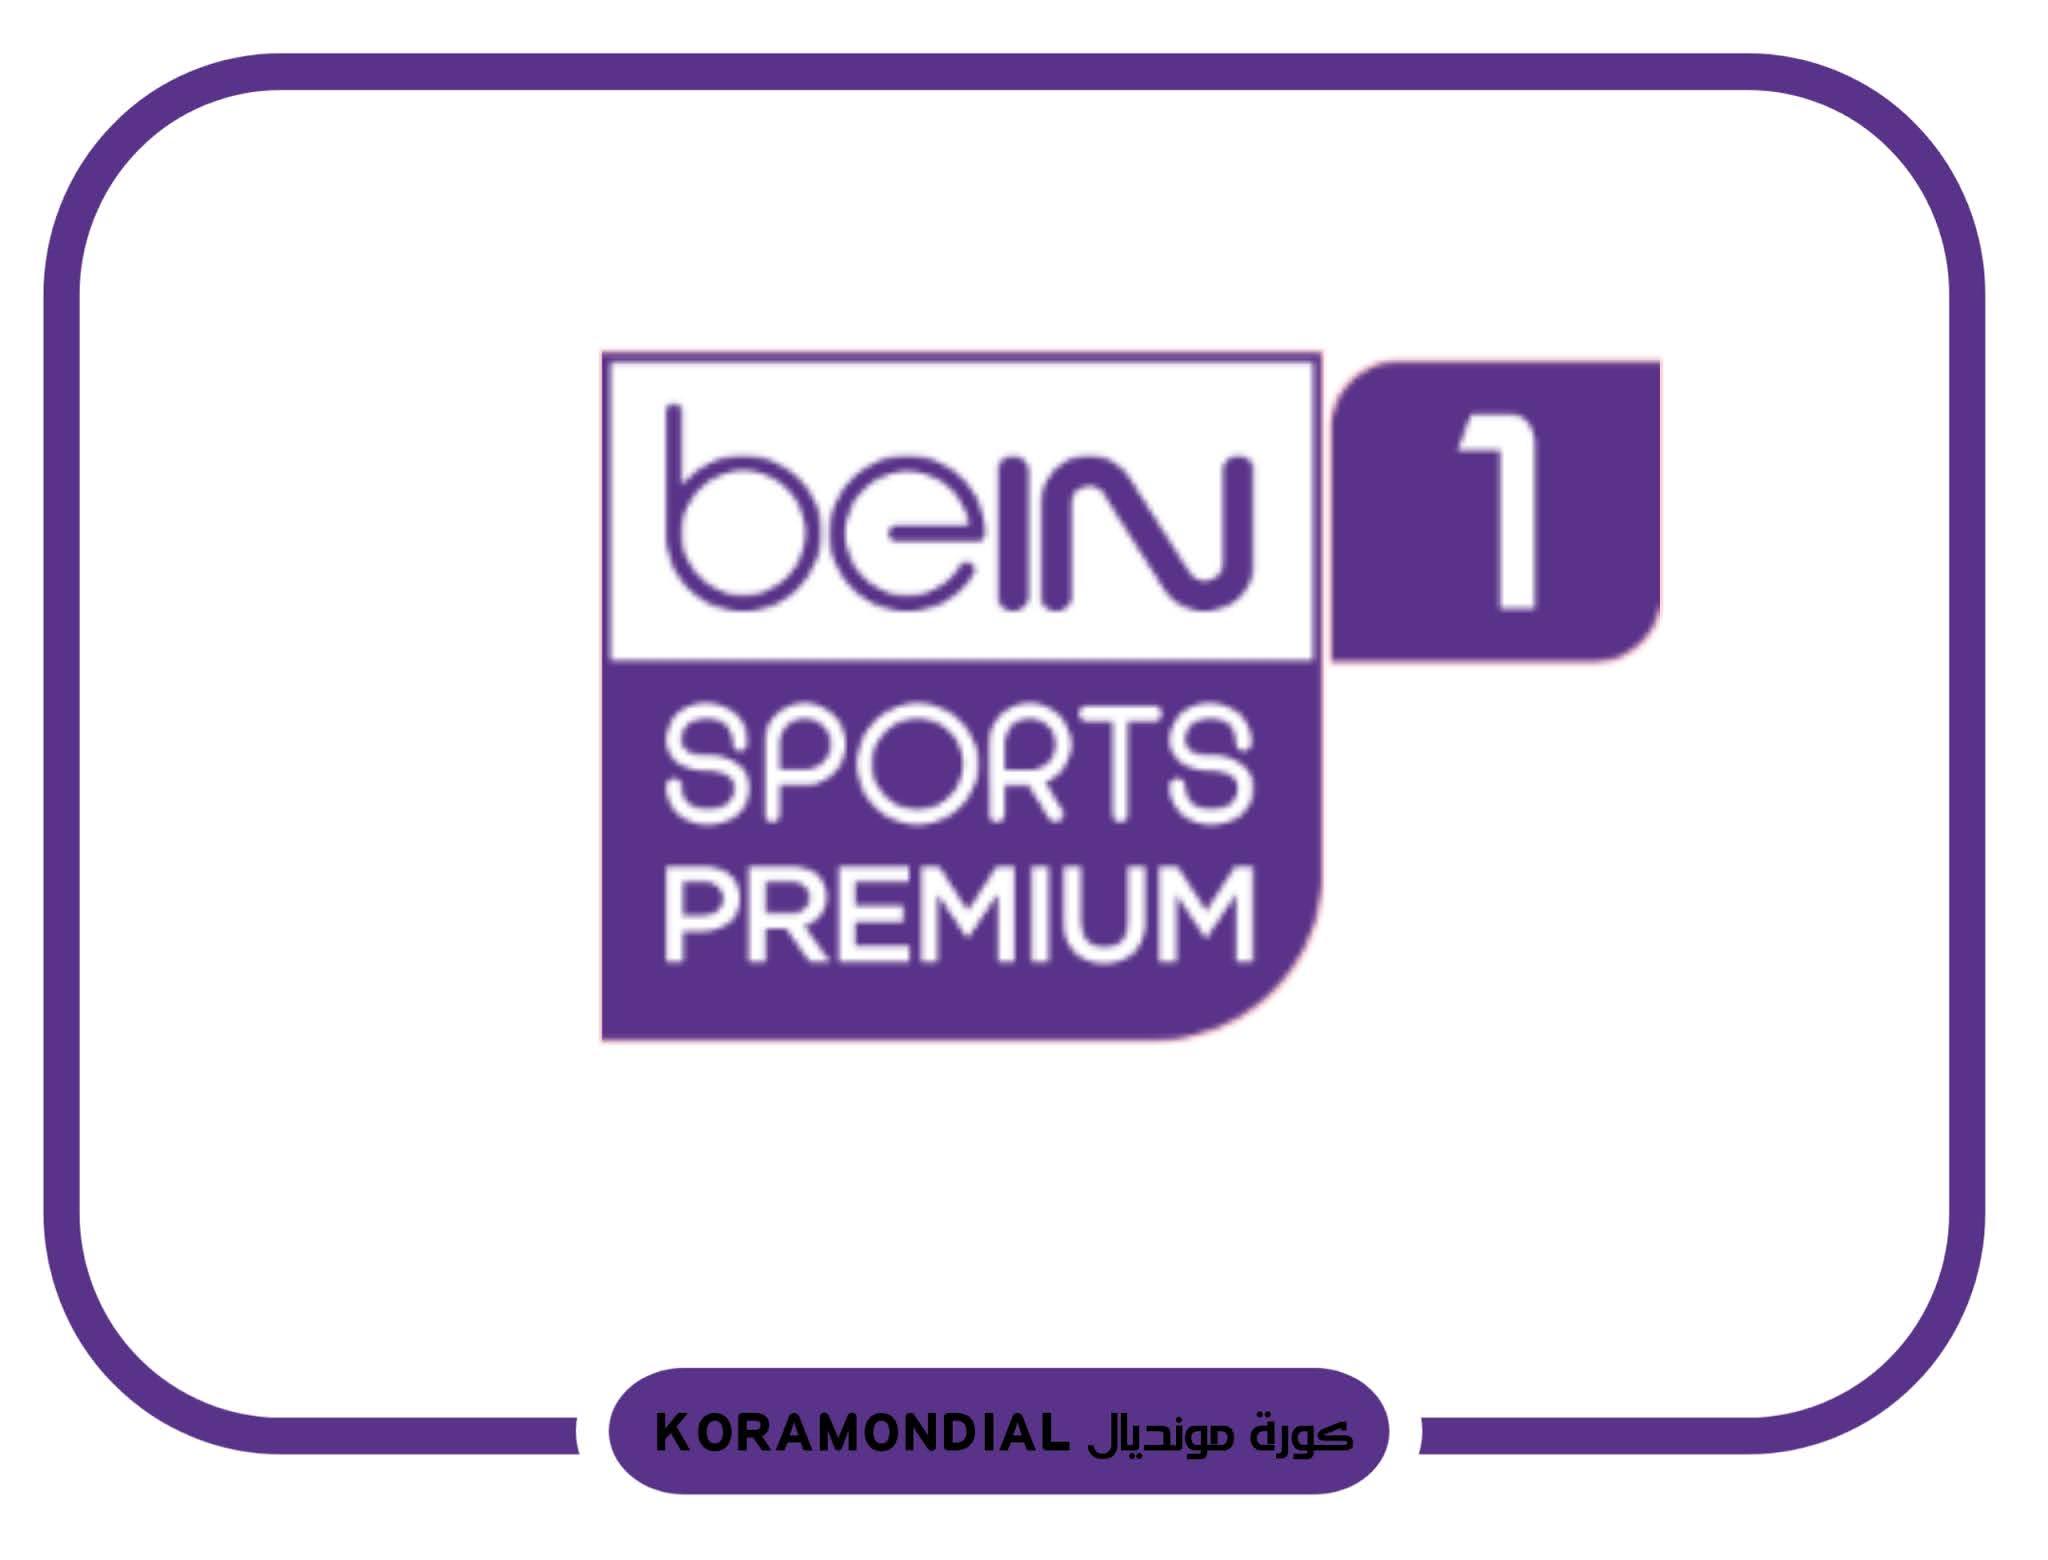 مشاهدة قناة بي إن سبورت بريميوم 1 أتش دي bein sports premium 1 HD live